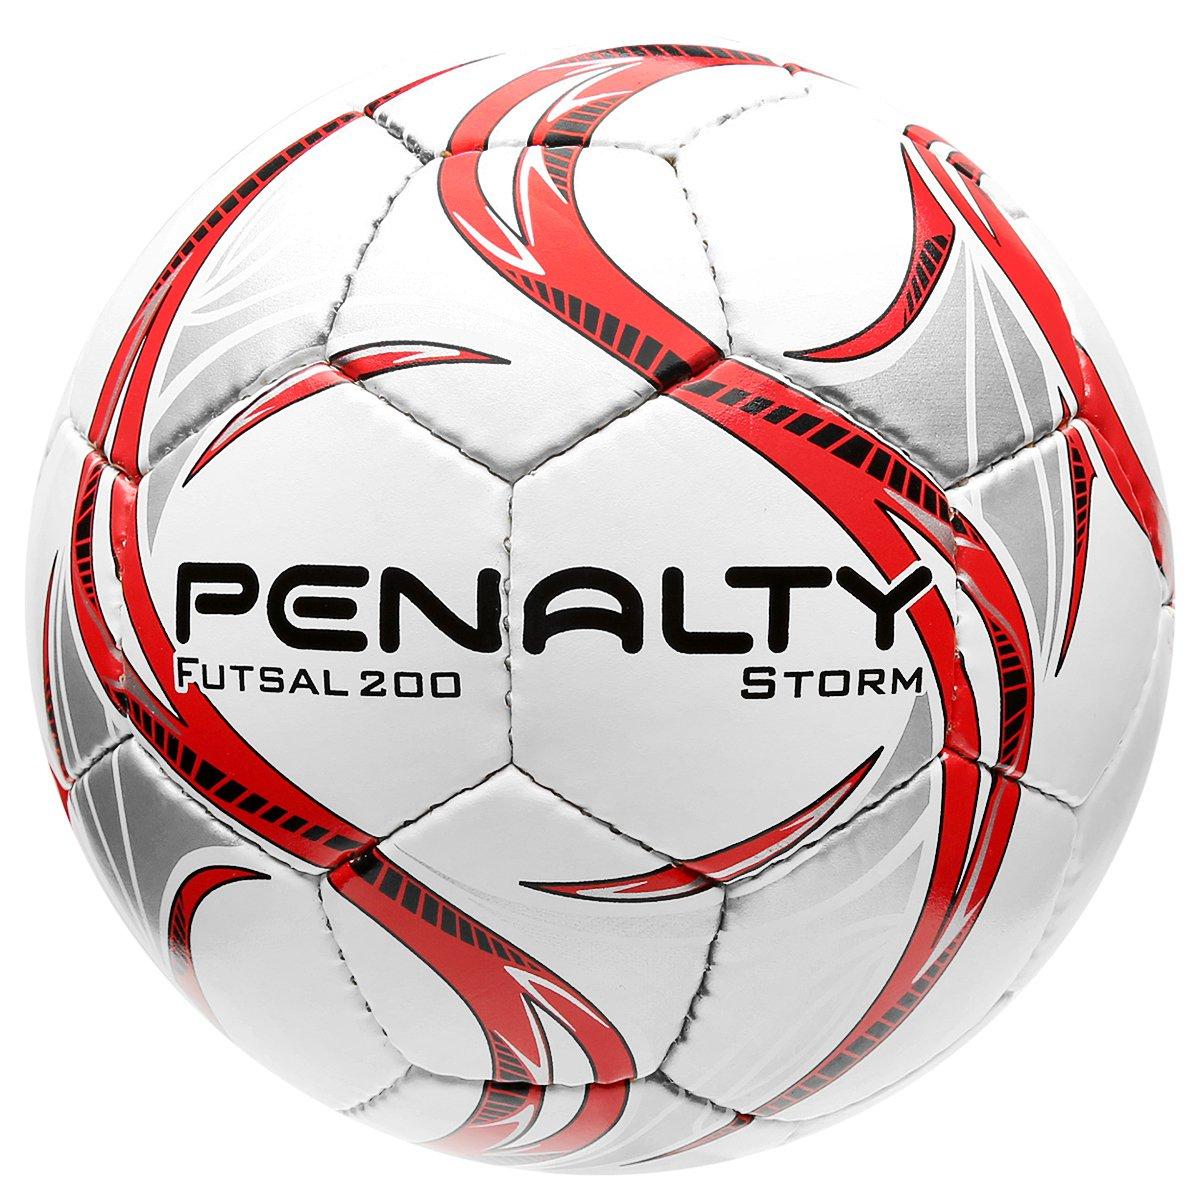 f3e9f652f24e9 Bola Penalty 200 DF 12 Futsal - Compre Agora